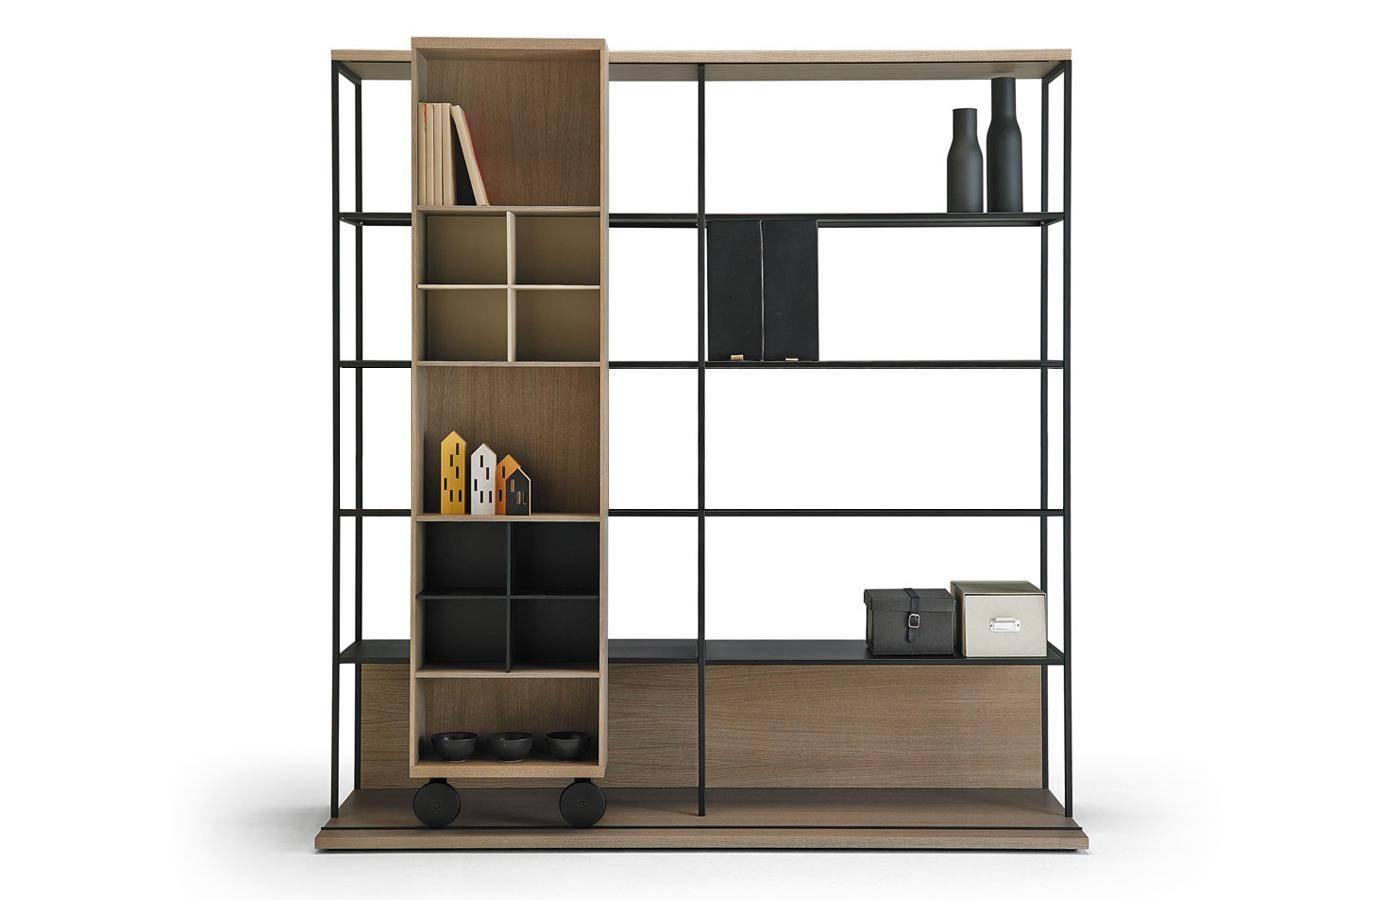 Librerias estanterias modernas estantera de la biblioteca for Librerias salon baratas